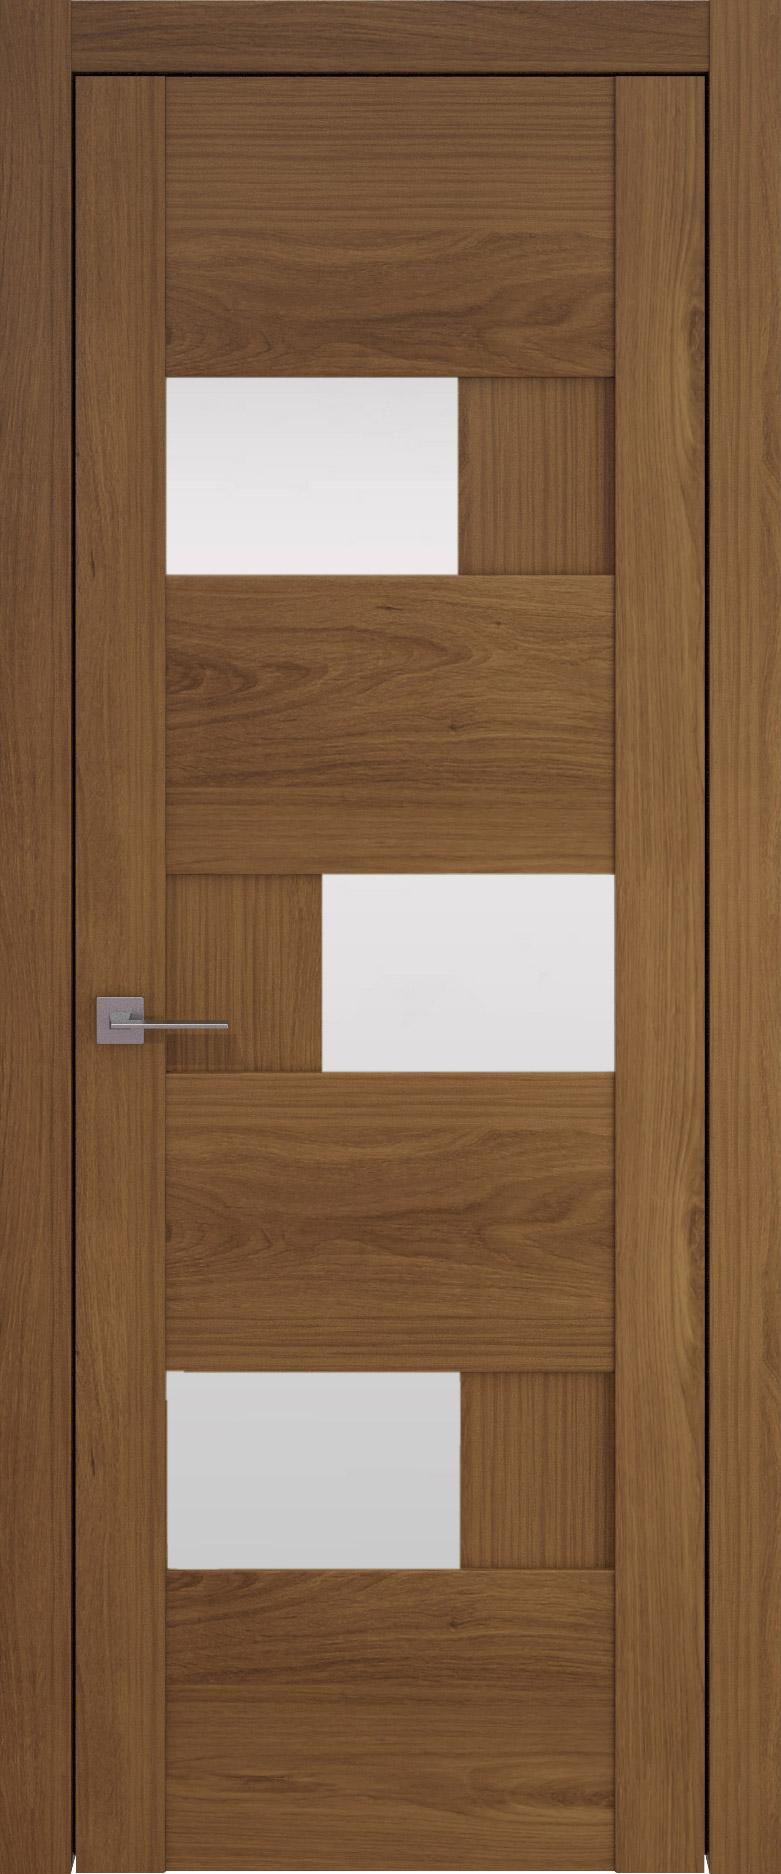 купить дверь межкомнатная сосна